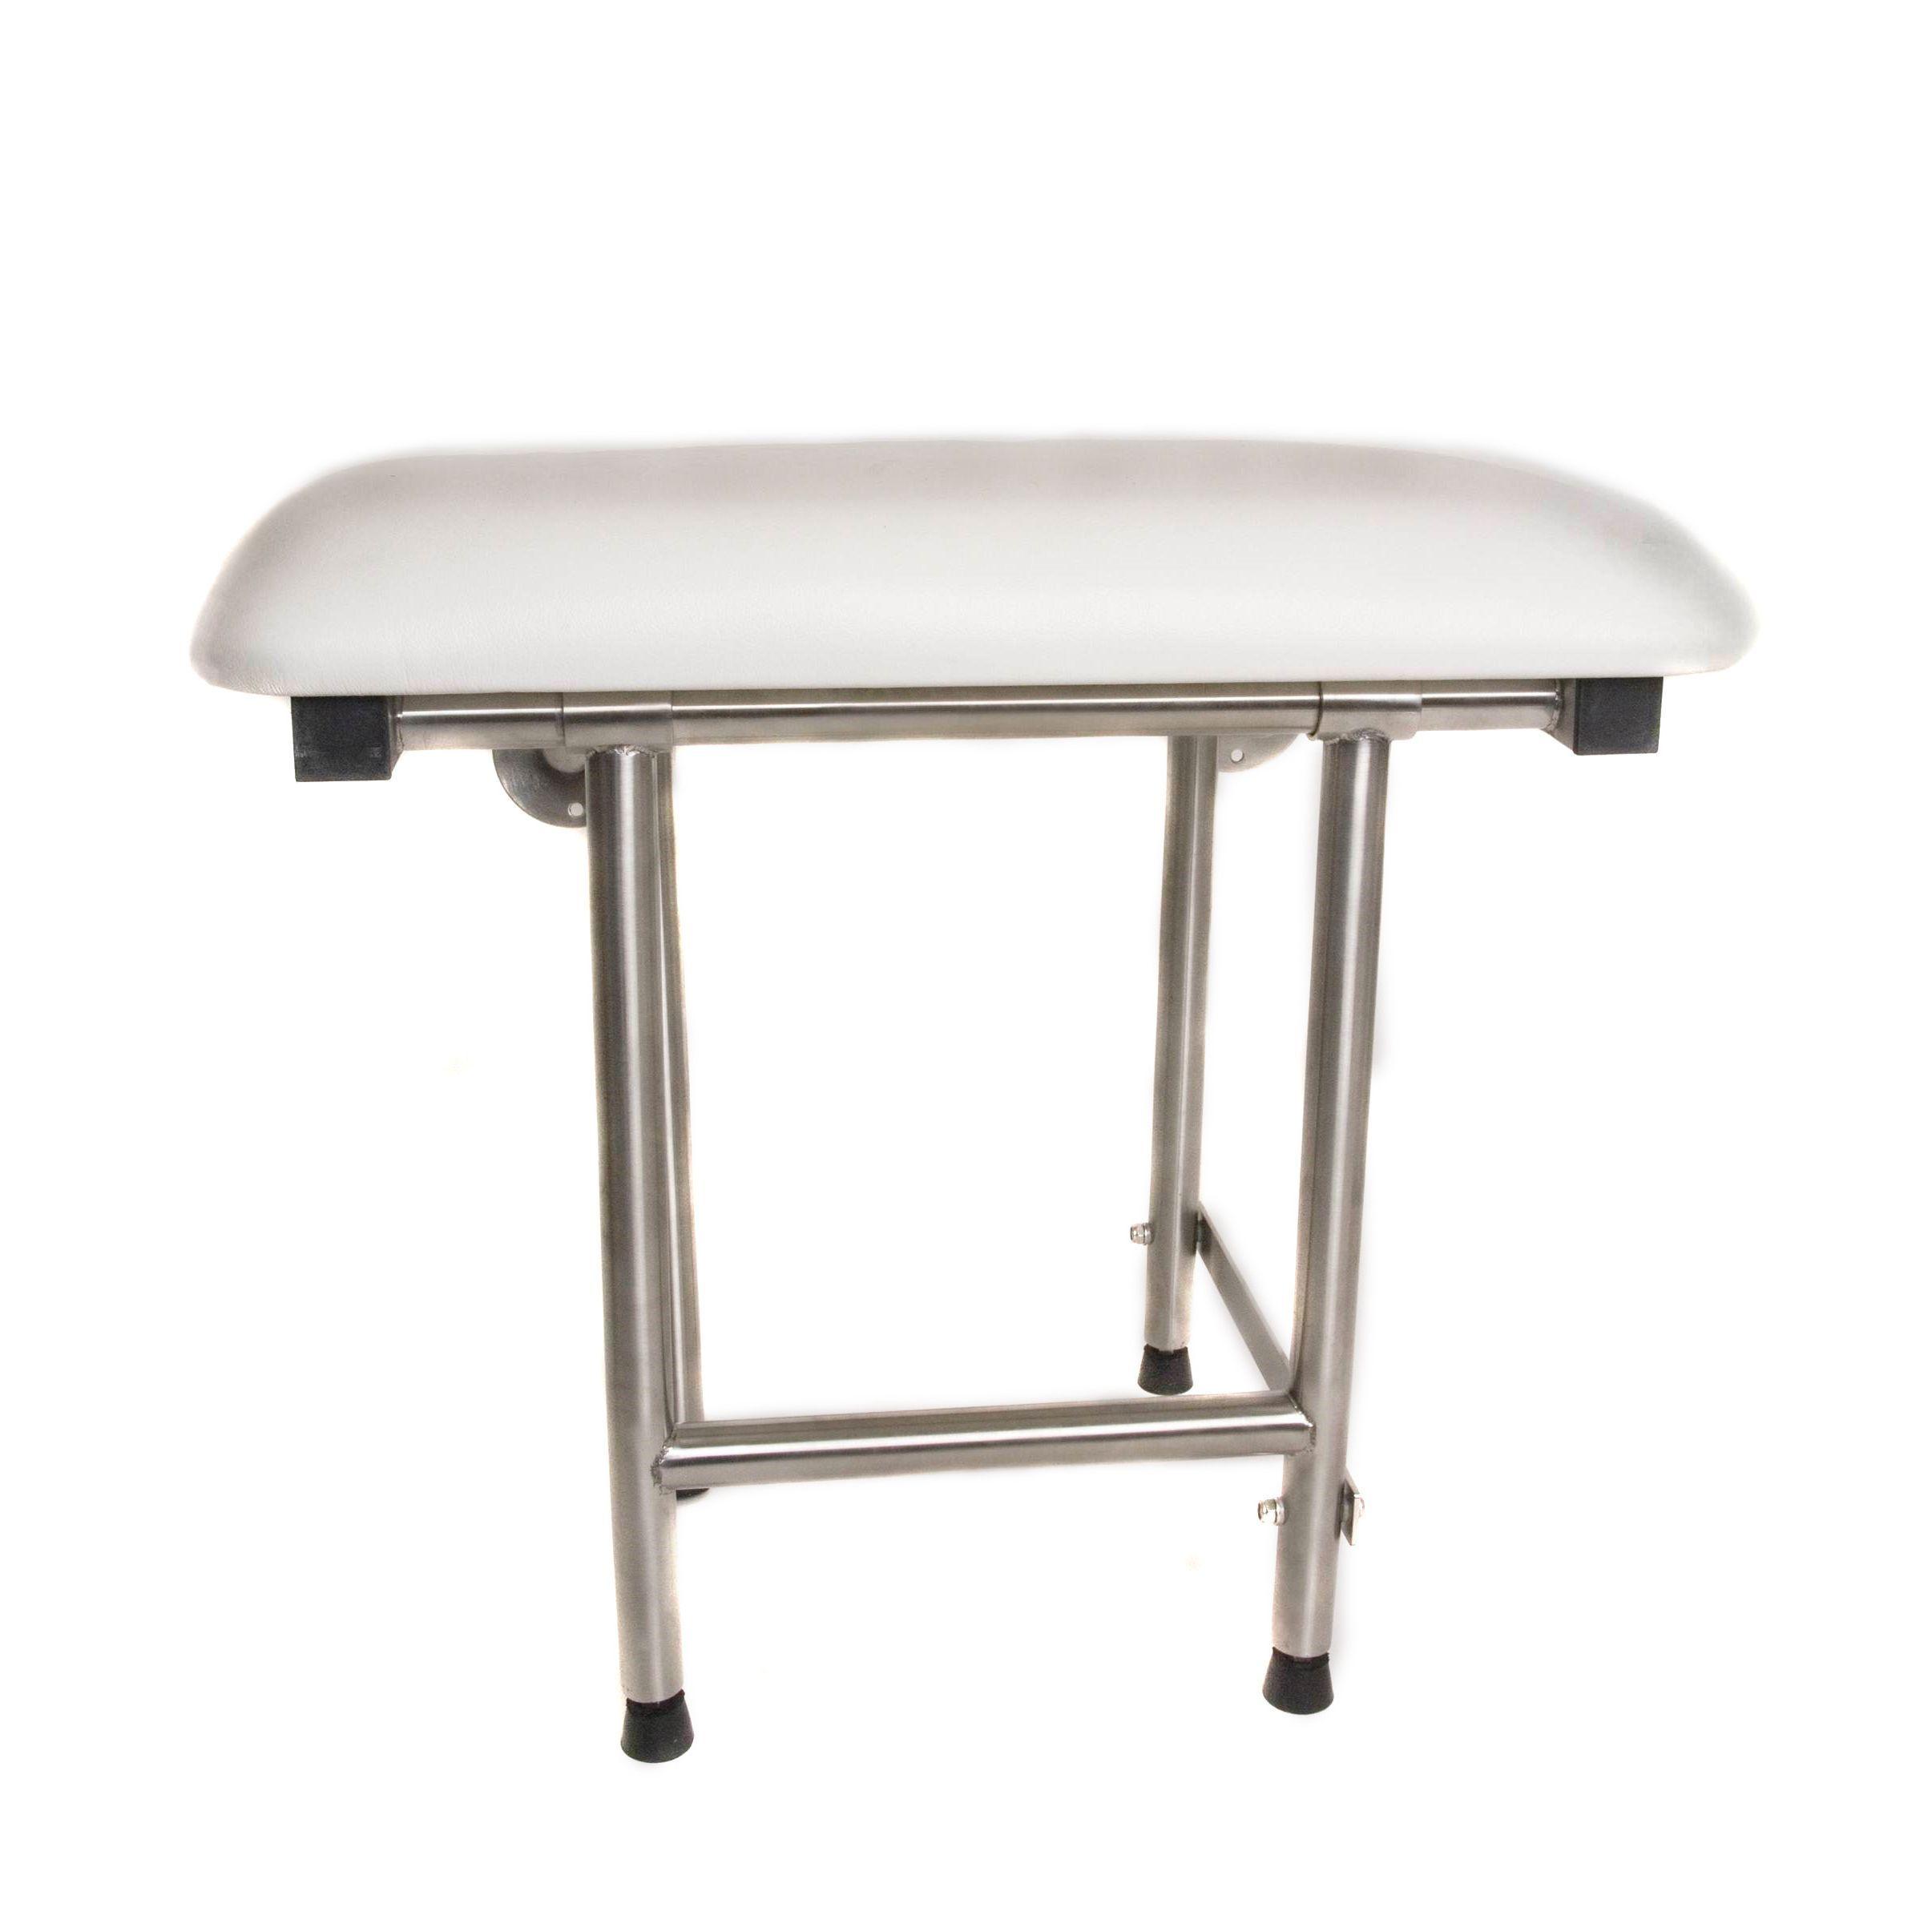 CSI Bathware ADA Bathroom Shower Bath Seat Folding Wall Mounted